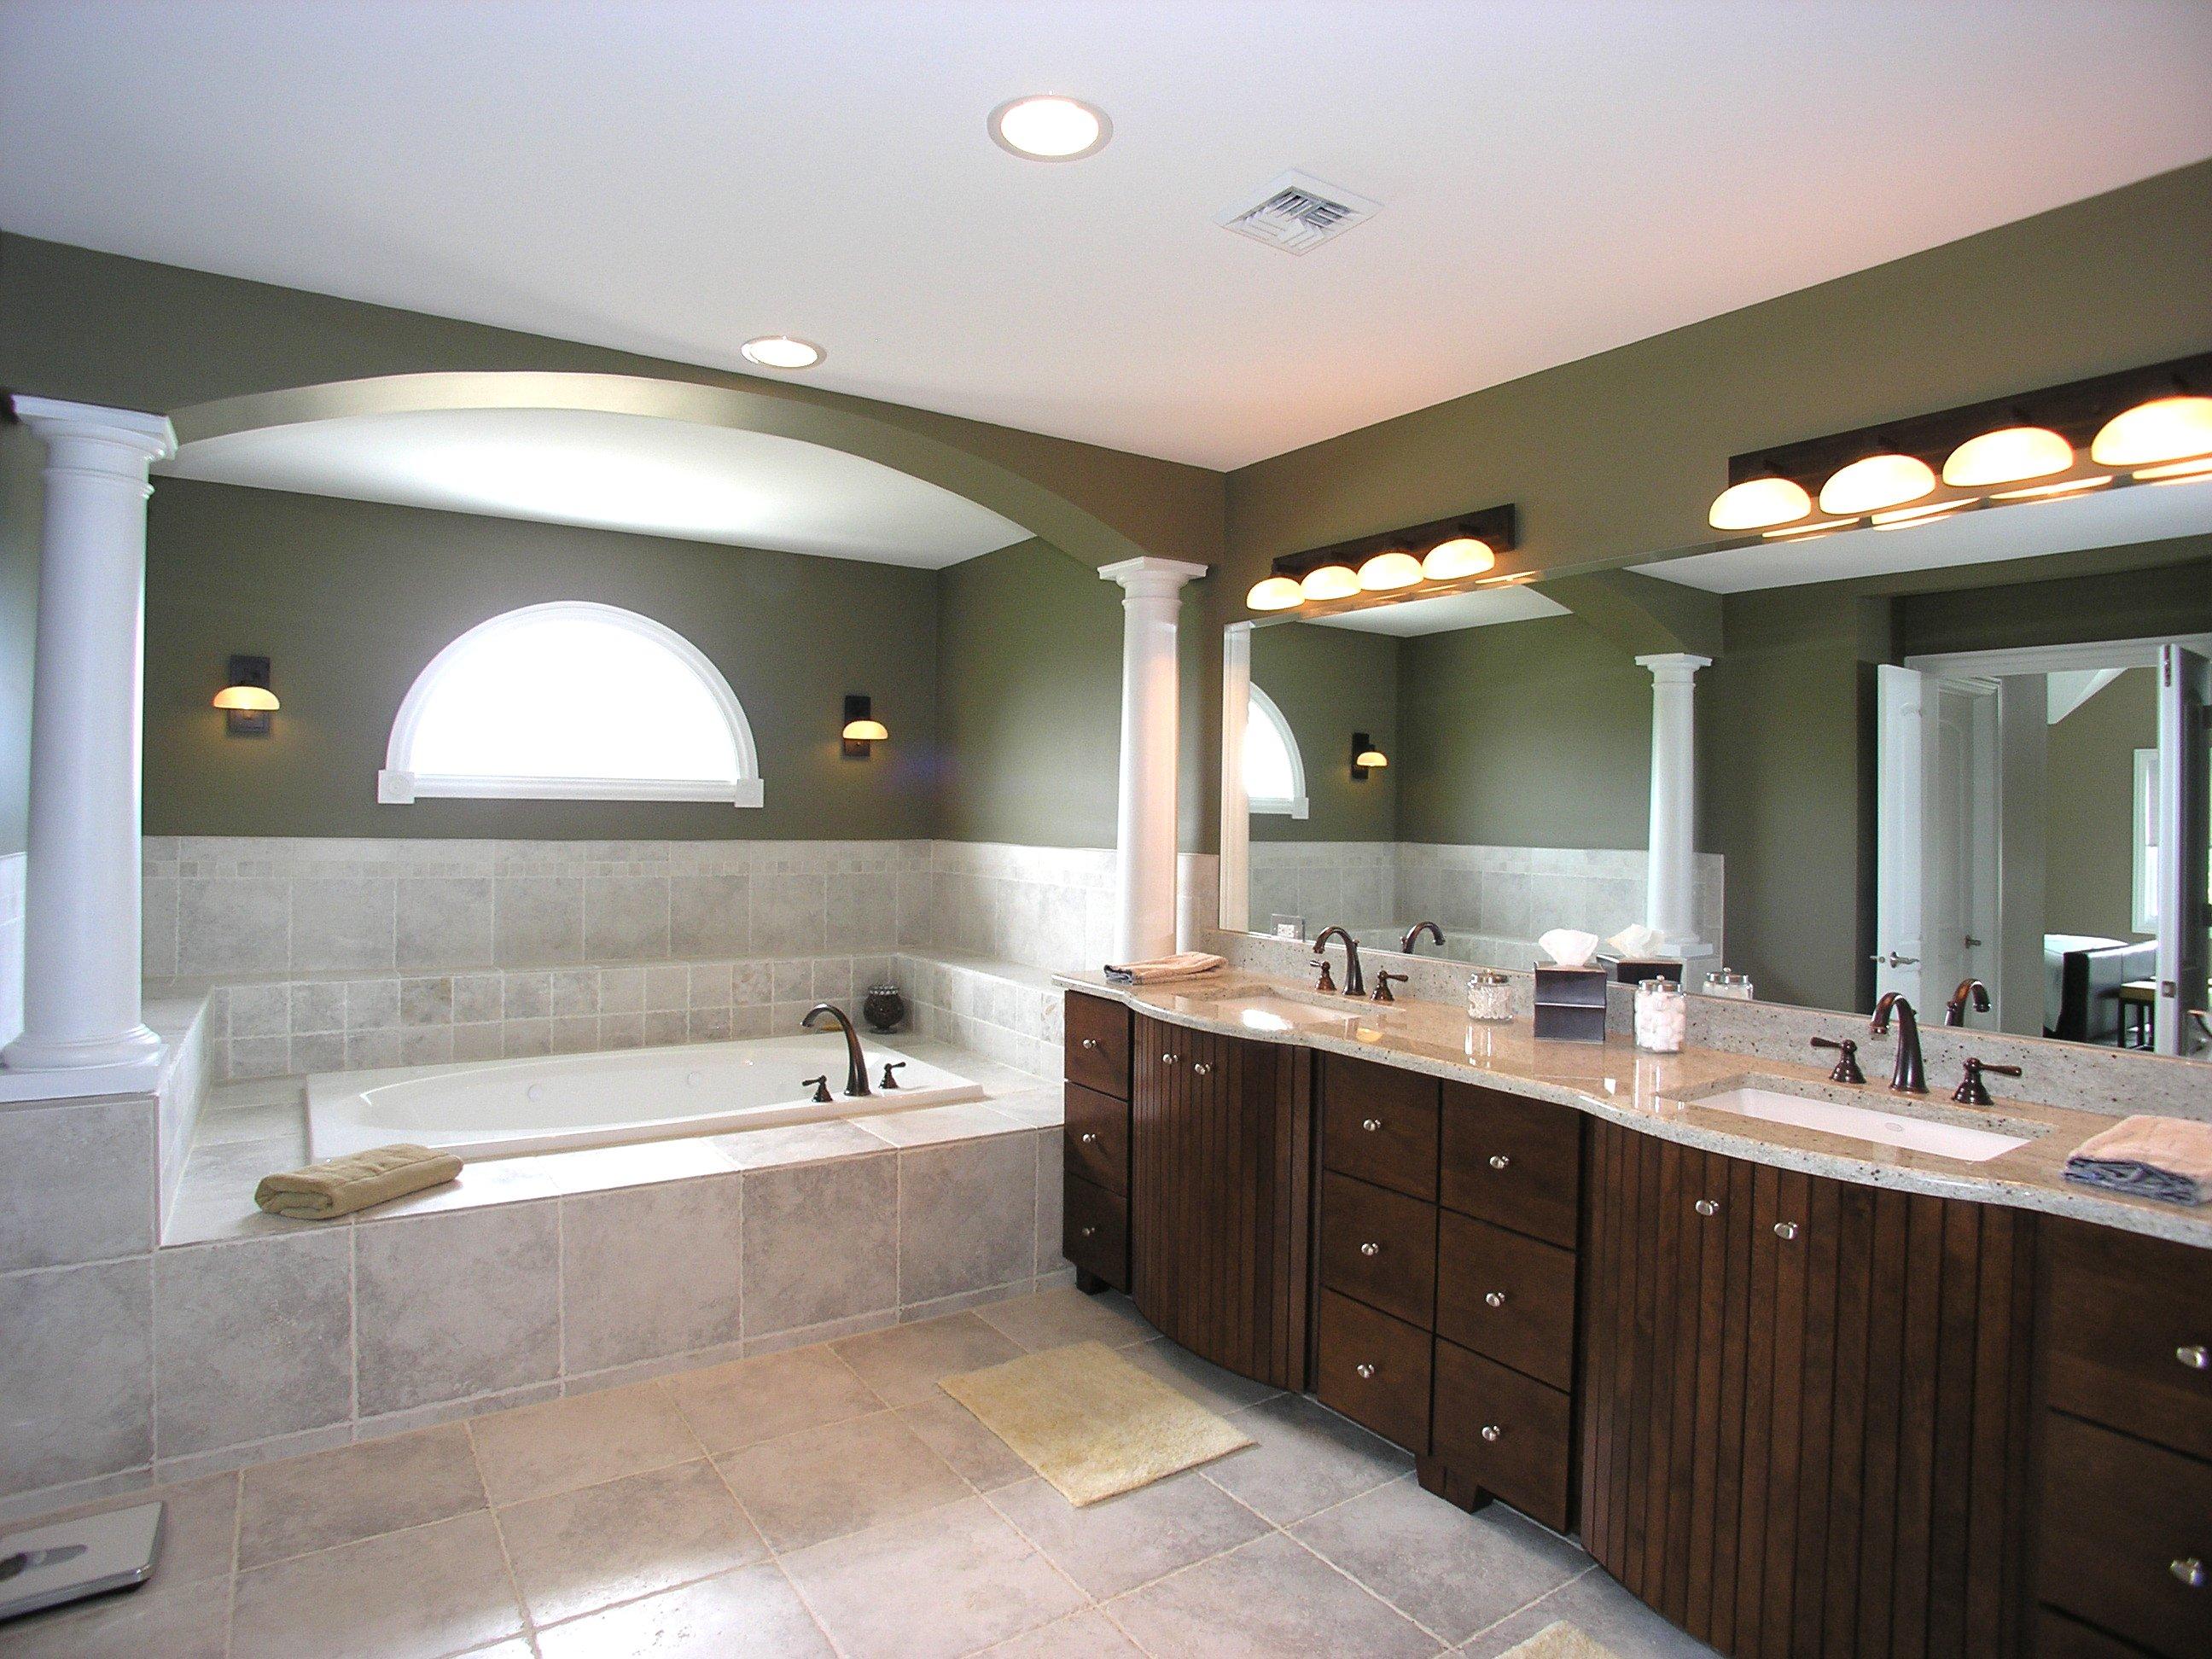 Mise en lumi re et clairage d coratif d une salle de bain luminaires design luminaires design - Luminaires salle de bains ...